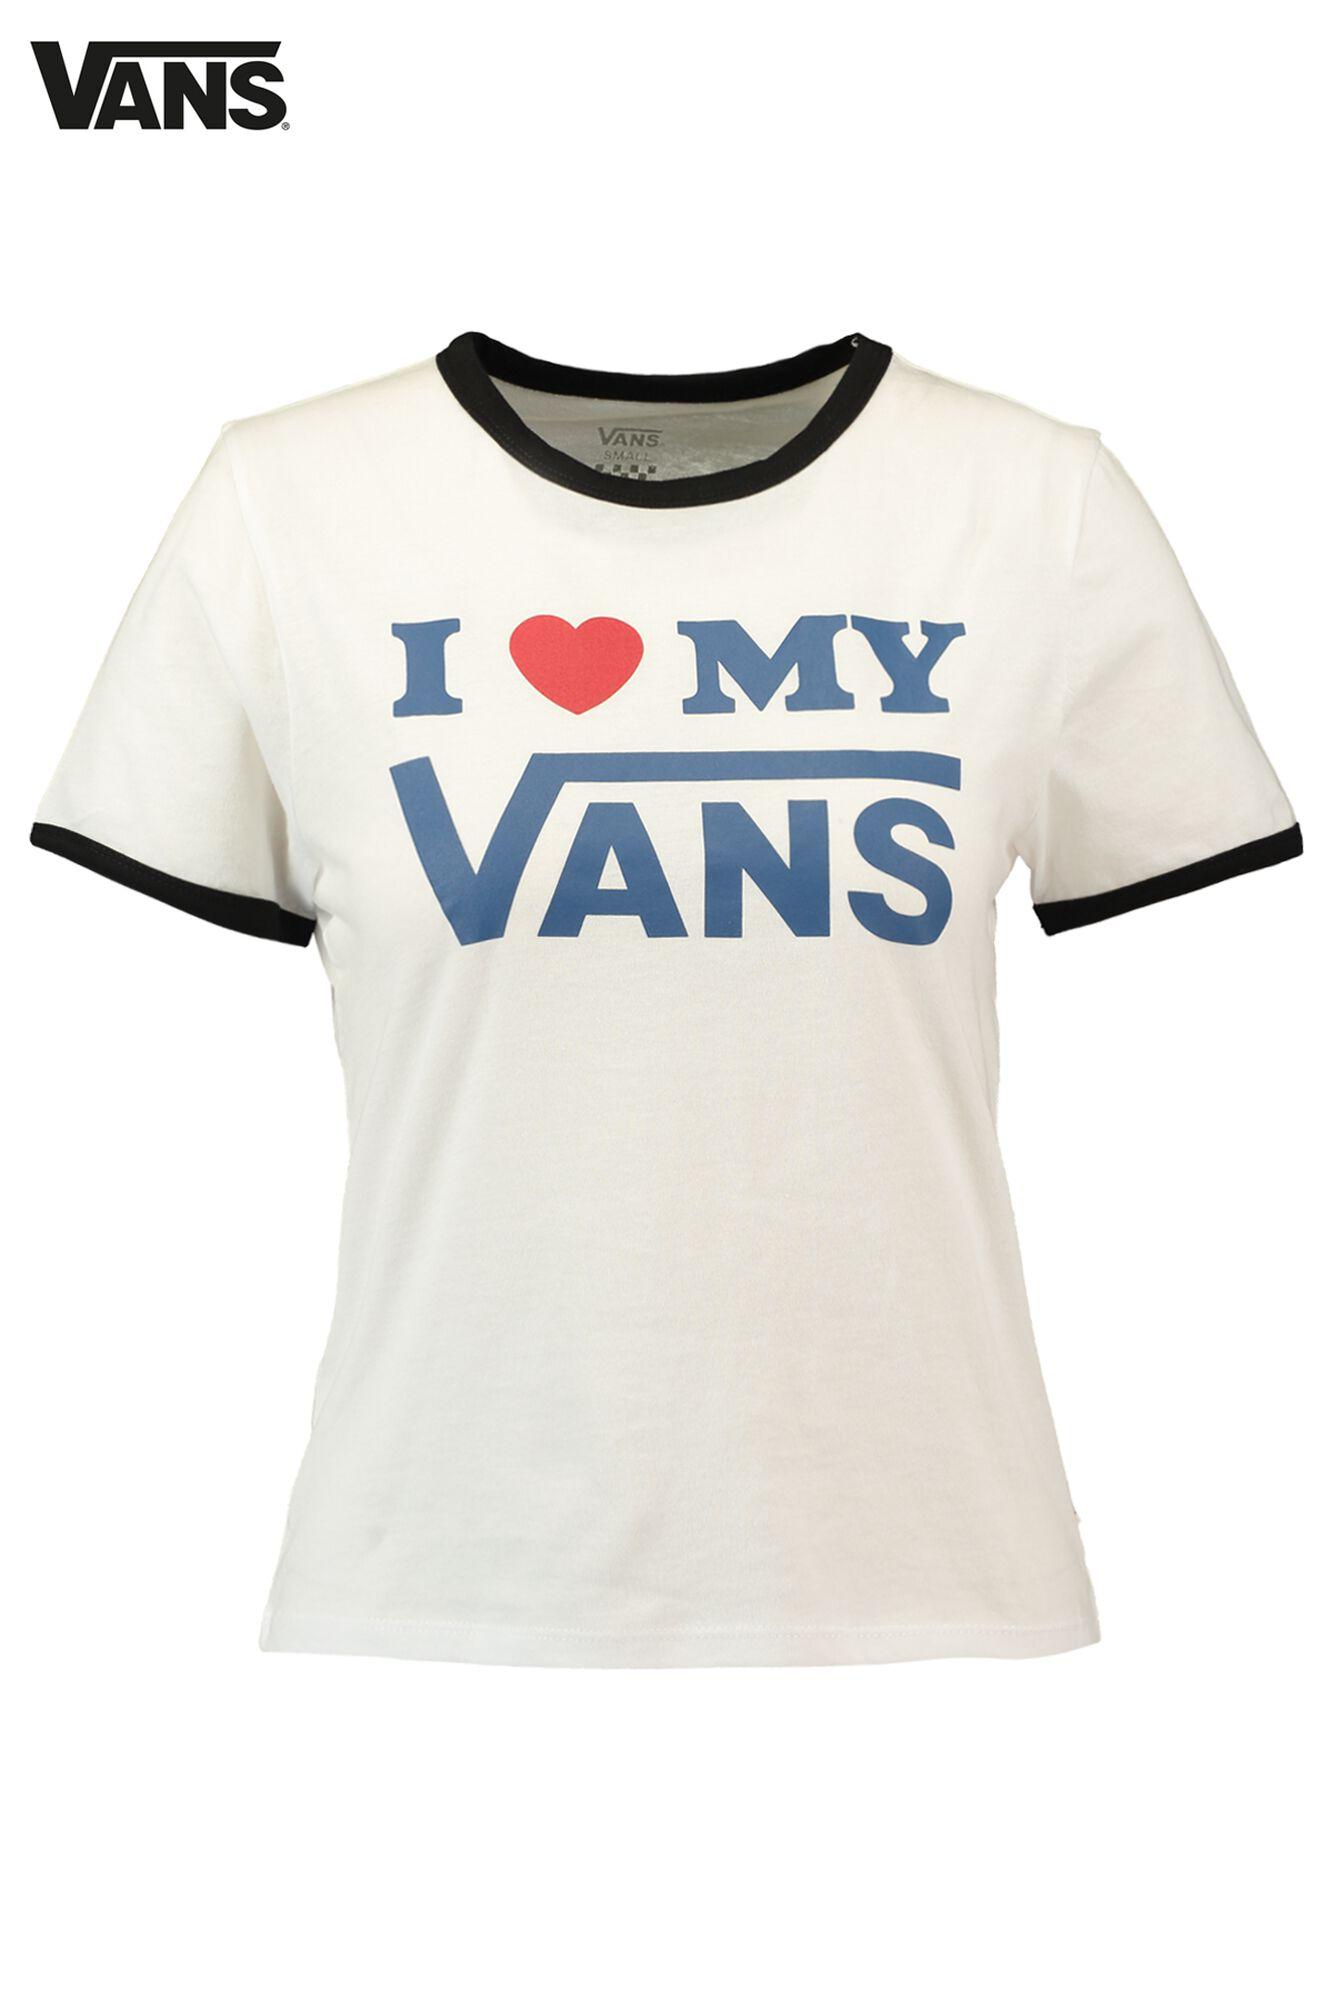 alhaisempi hinta suosituin säästää Women T-shirt Vans Love Black Buy Online